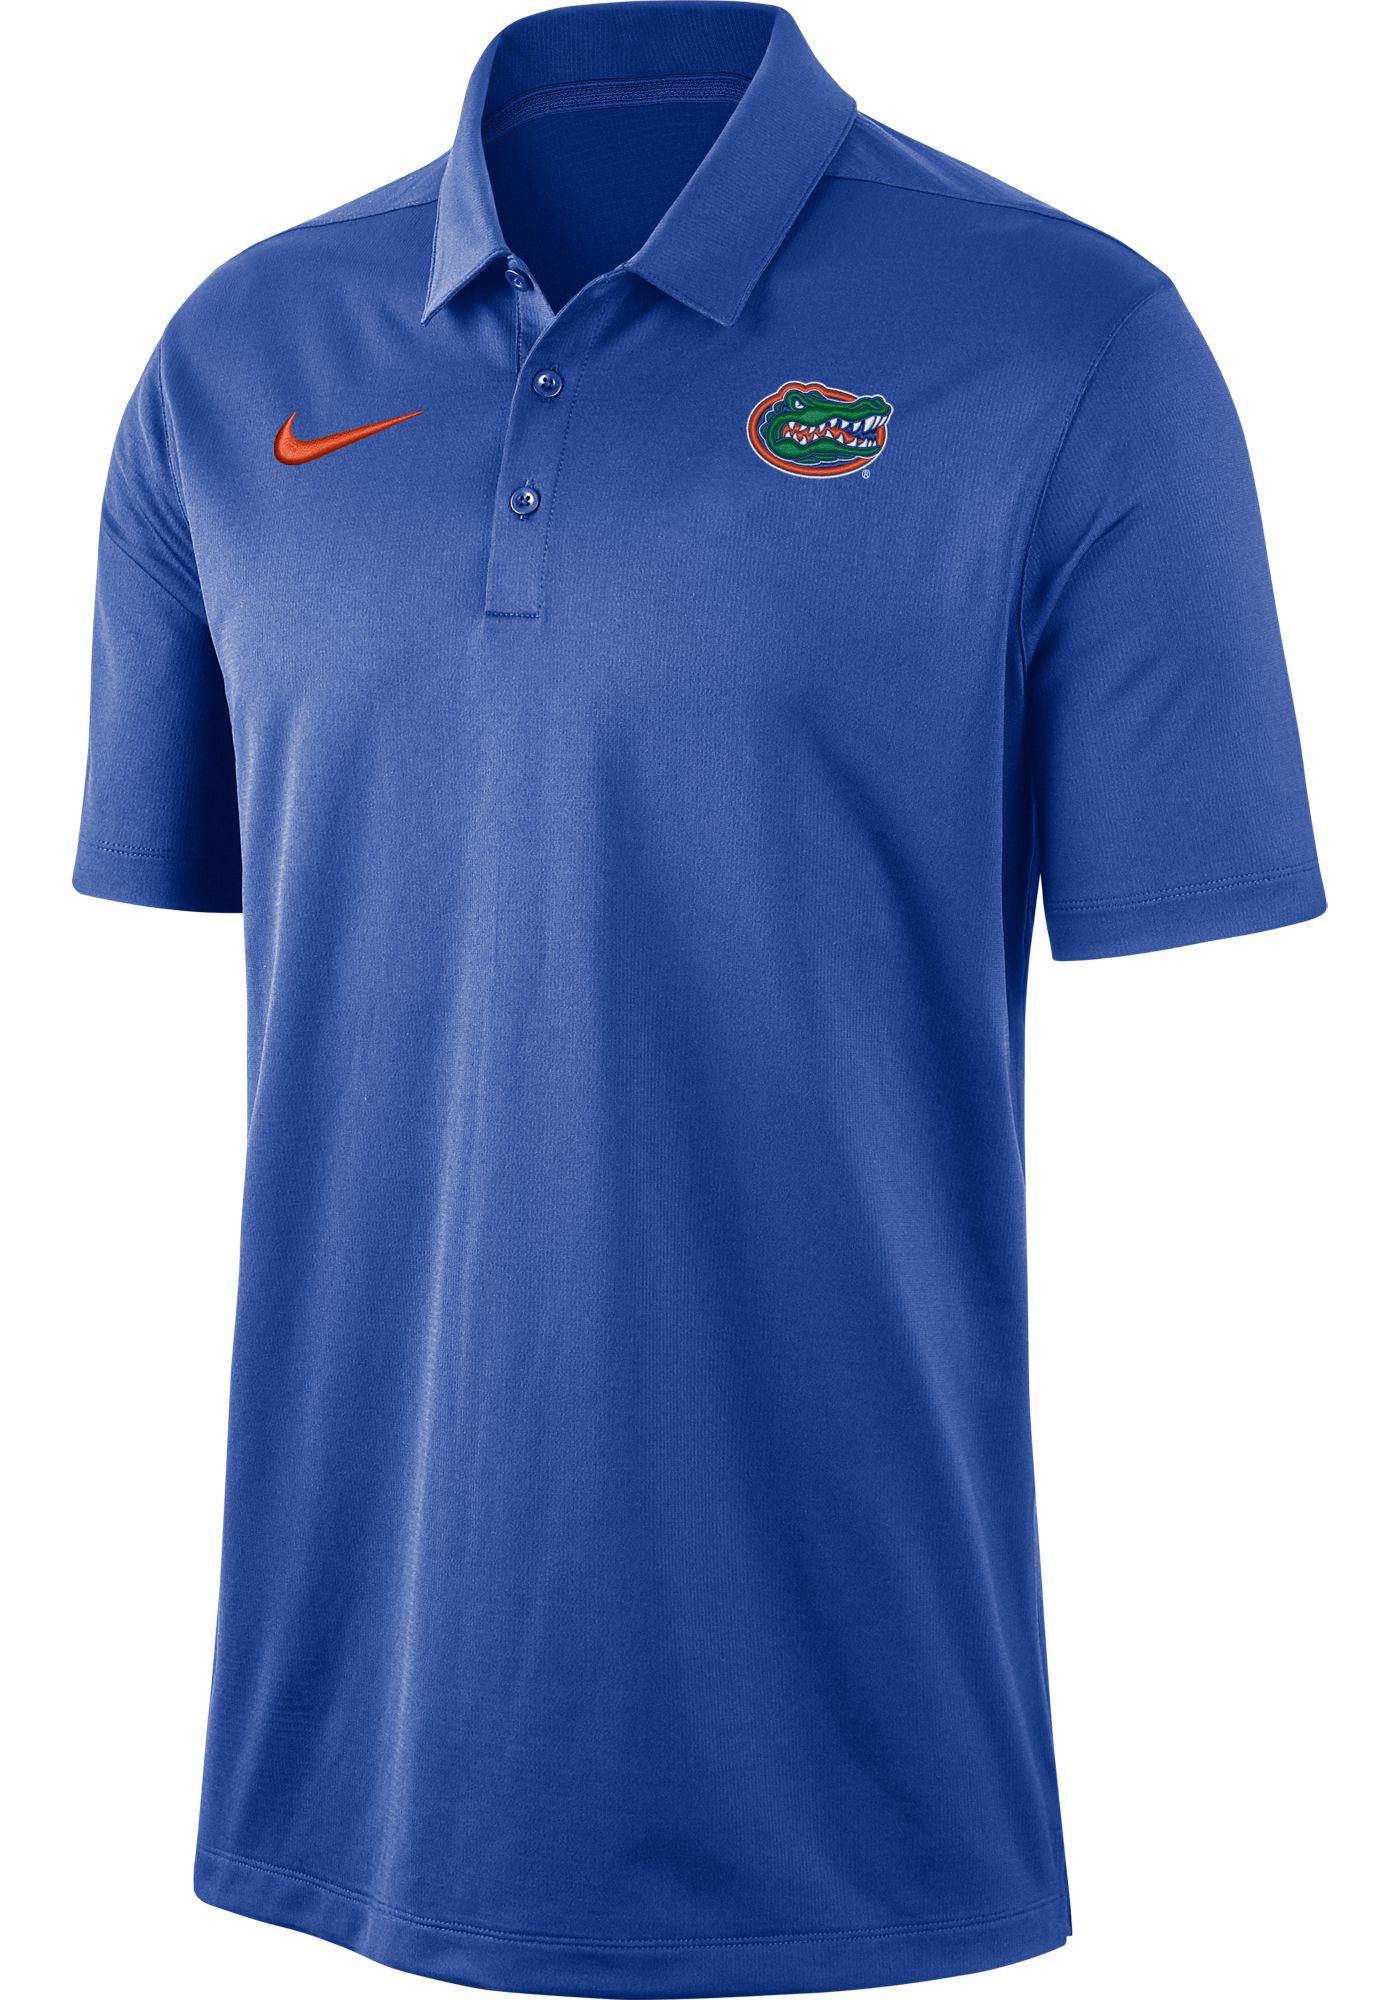 Nike Men's Florida Gators Blue Dri-FIT Franchise Polo